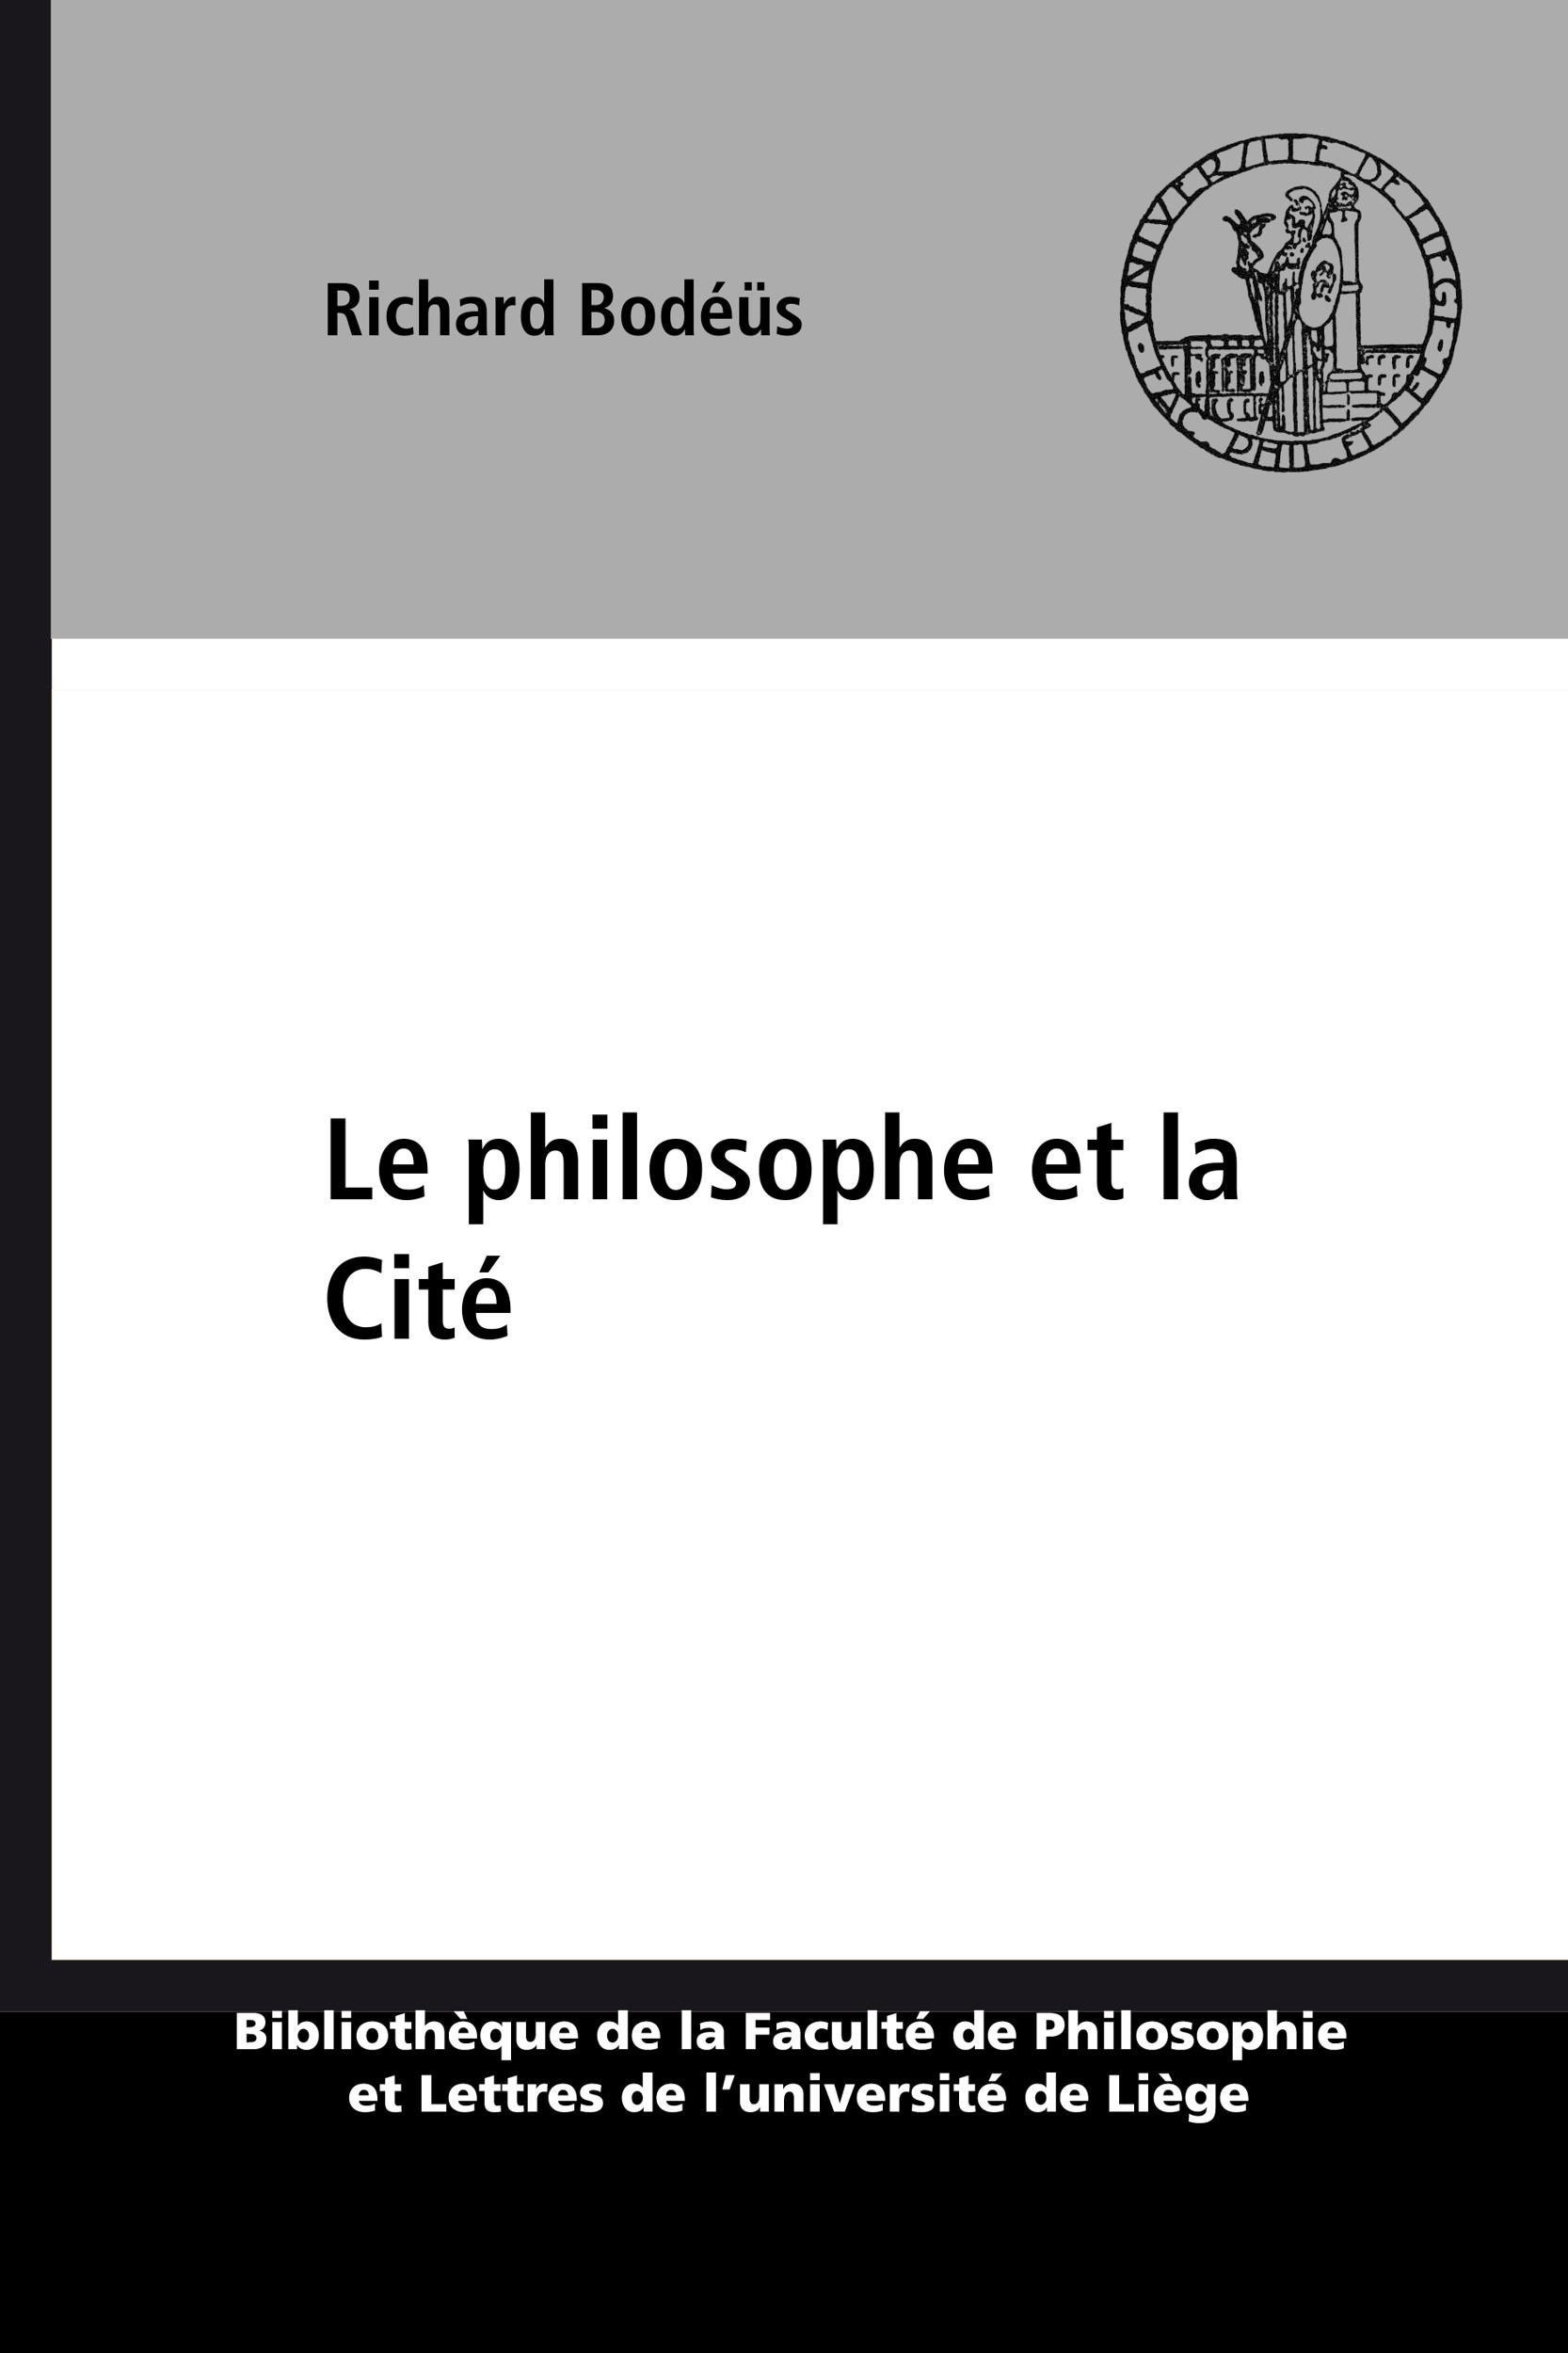 Le philosophe et la cite : recherches sur les rapports entre morale et politique dans la pensee d'ar